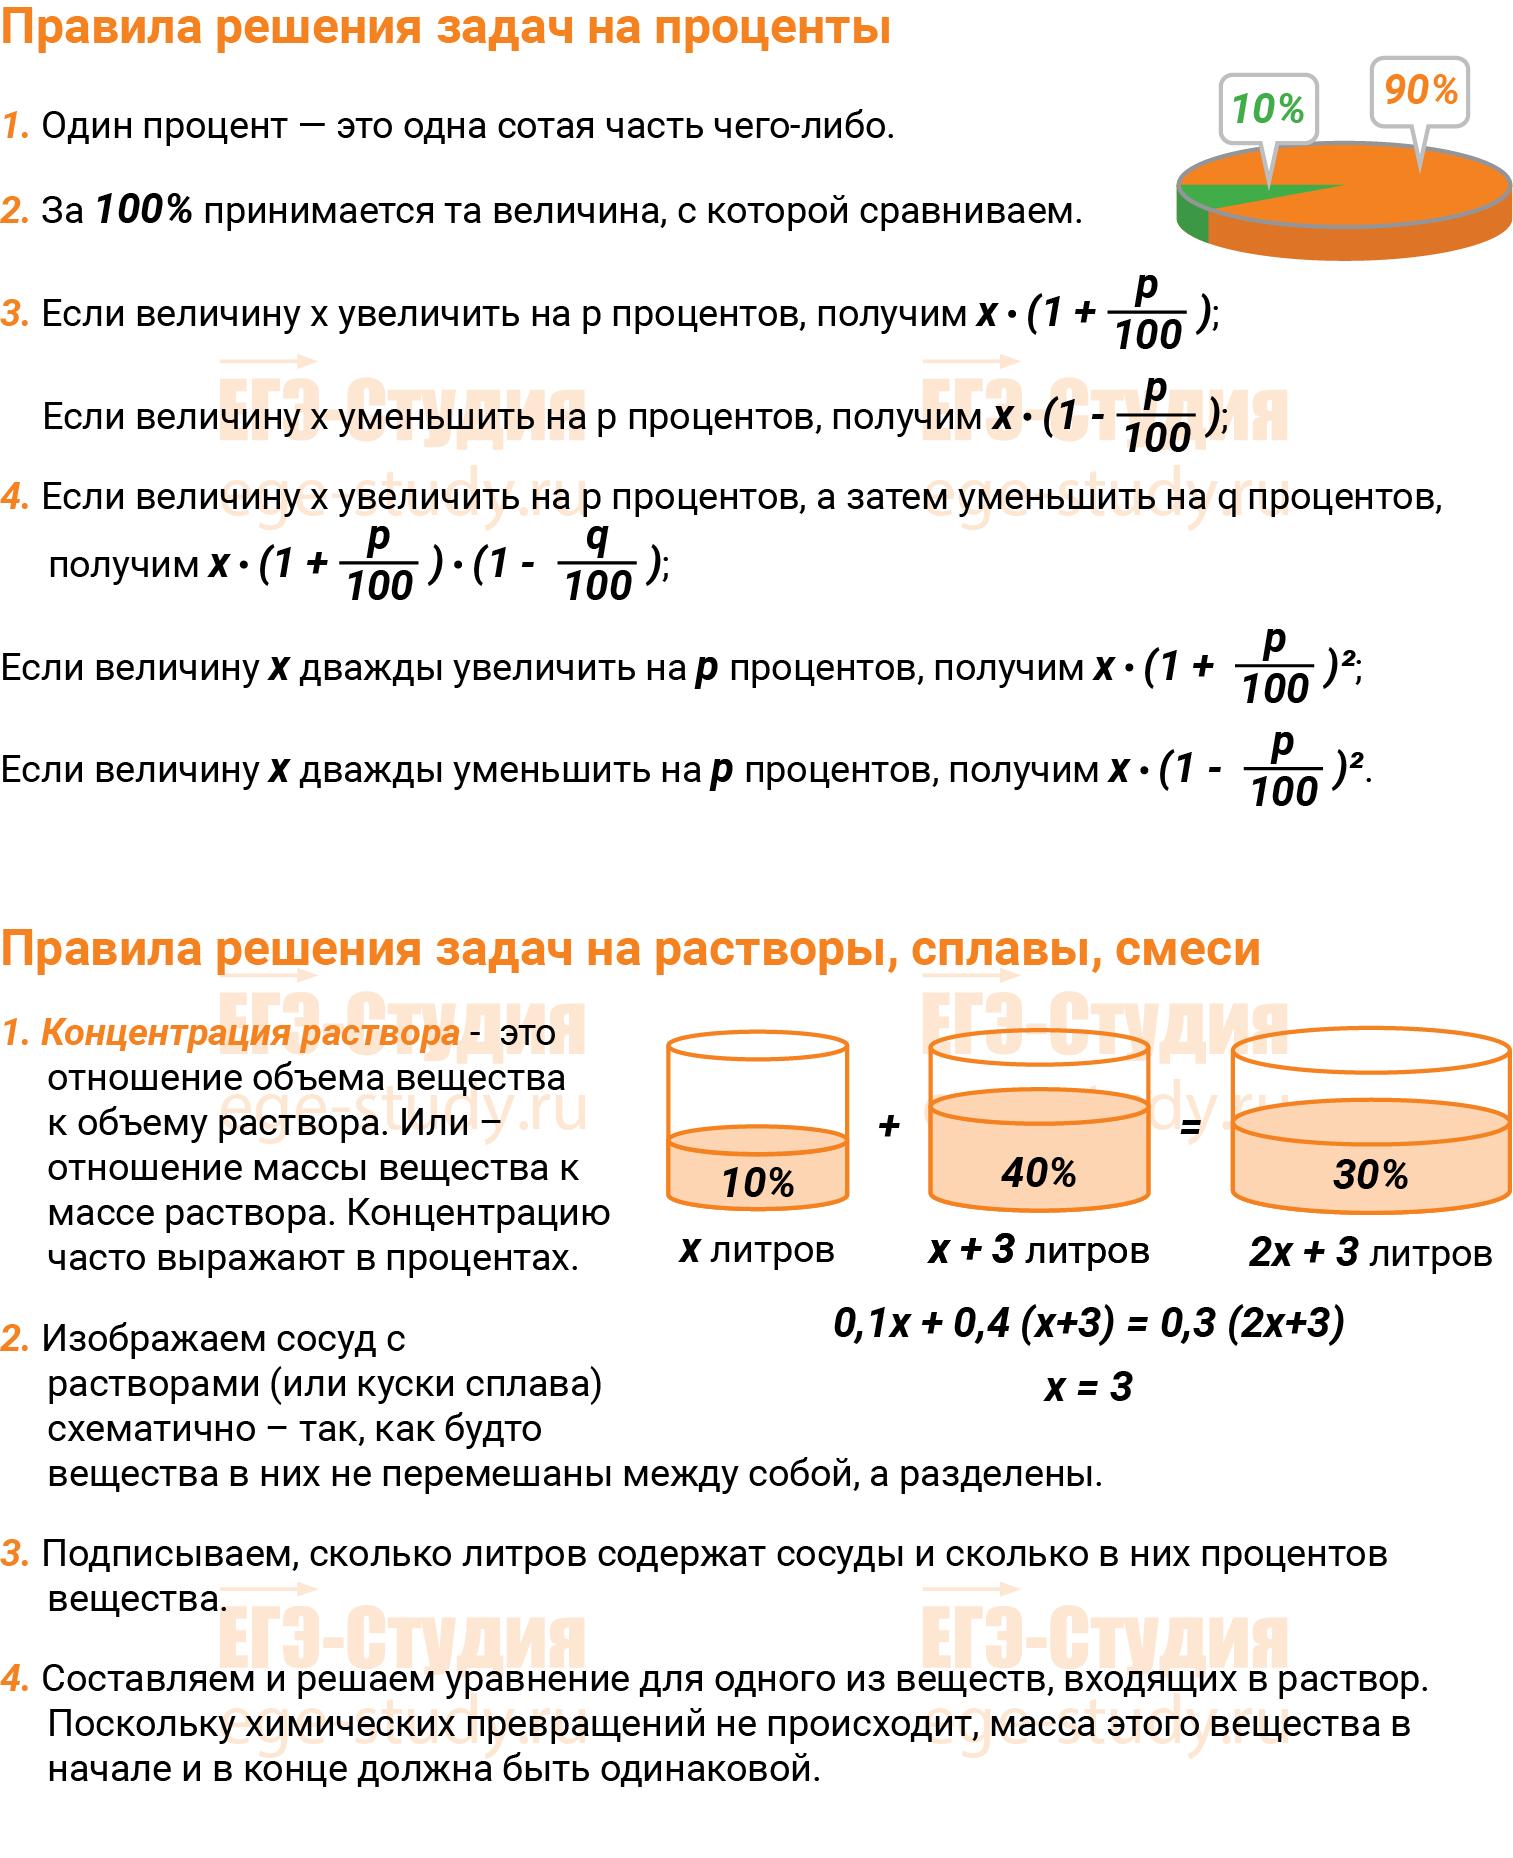 Решение задач на проценты и сплавы решить задачи по математике с ответом